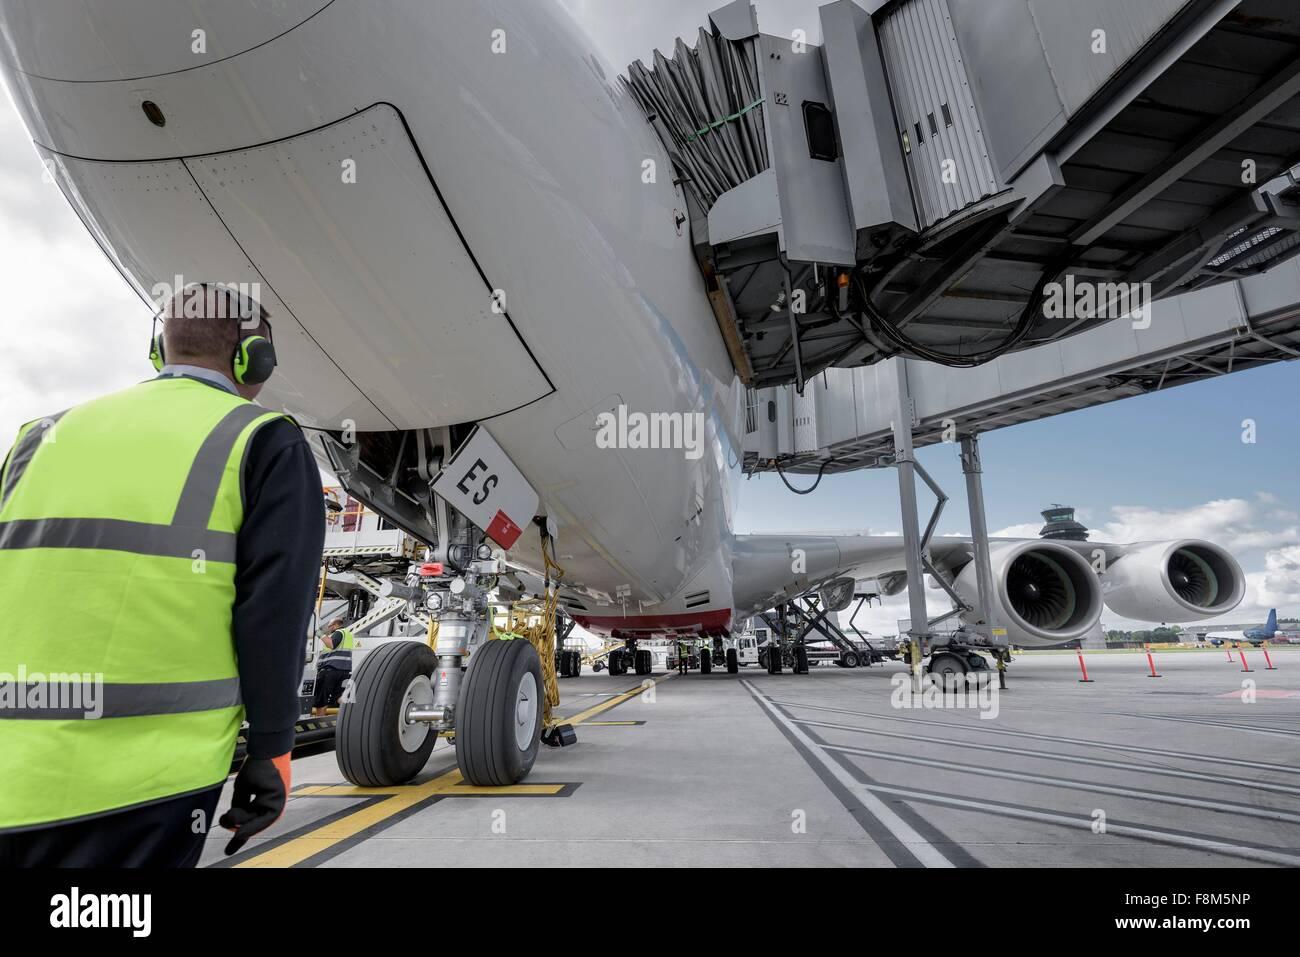 Ingeniero inspeccionar aviones A380 en el stand en el aeropuerto Imagen De Stock